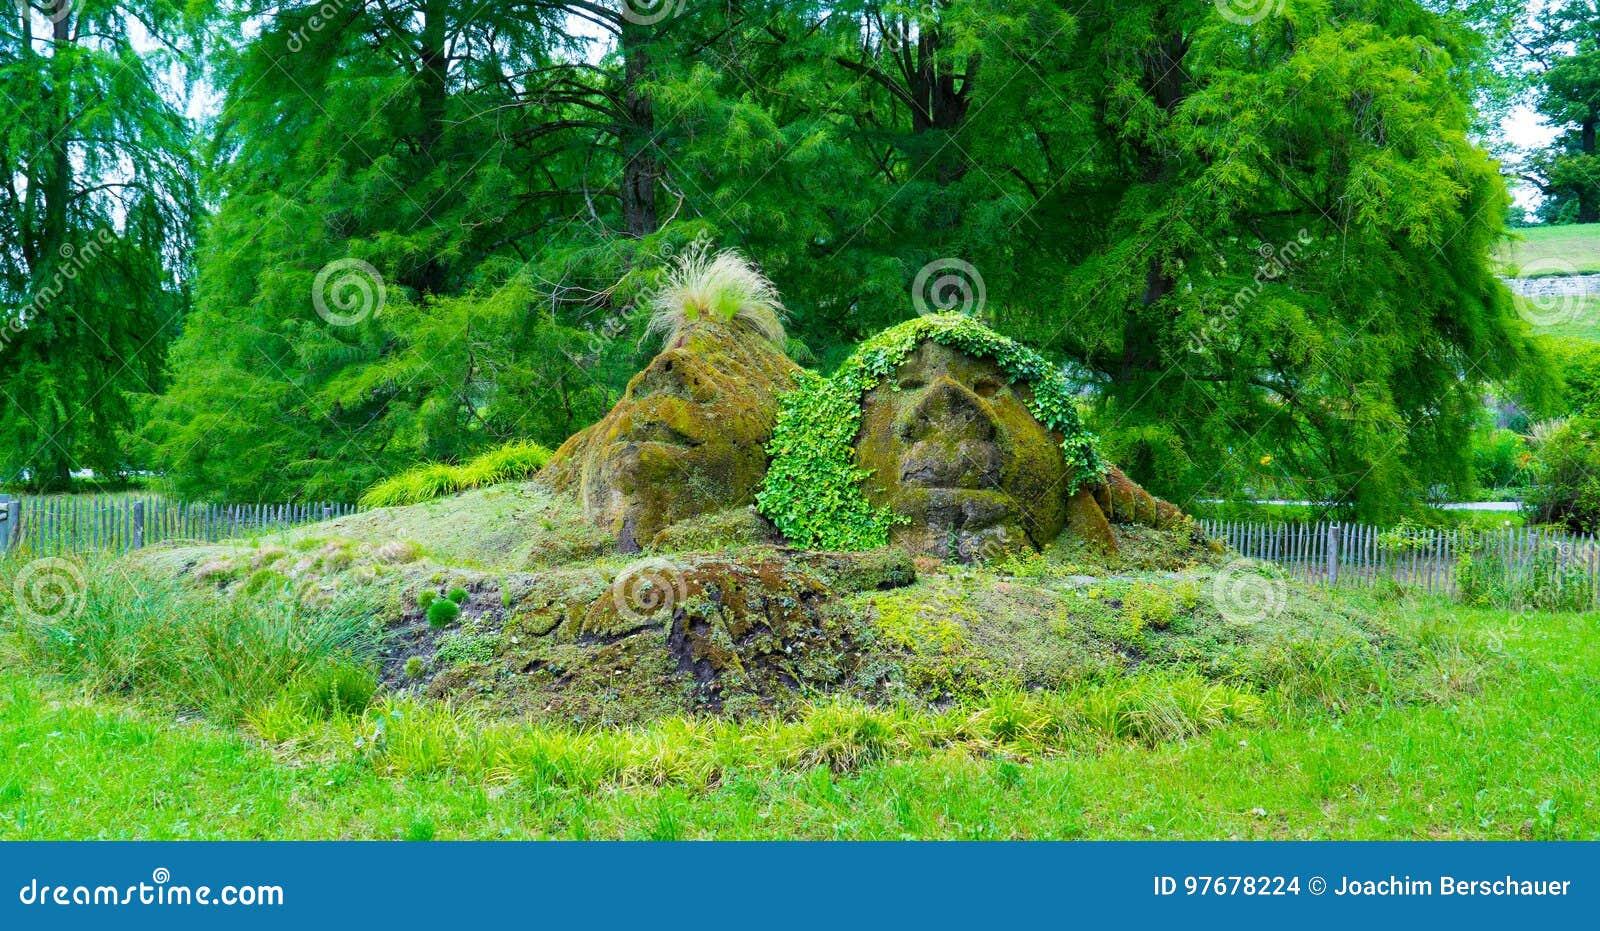 De vorm van twee gezichten in het gras op het Eiland Mainau in het centrum van Europa